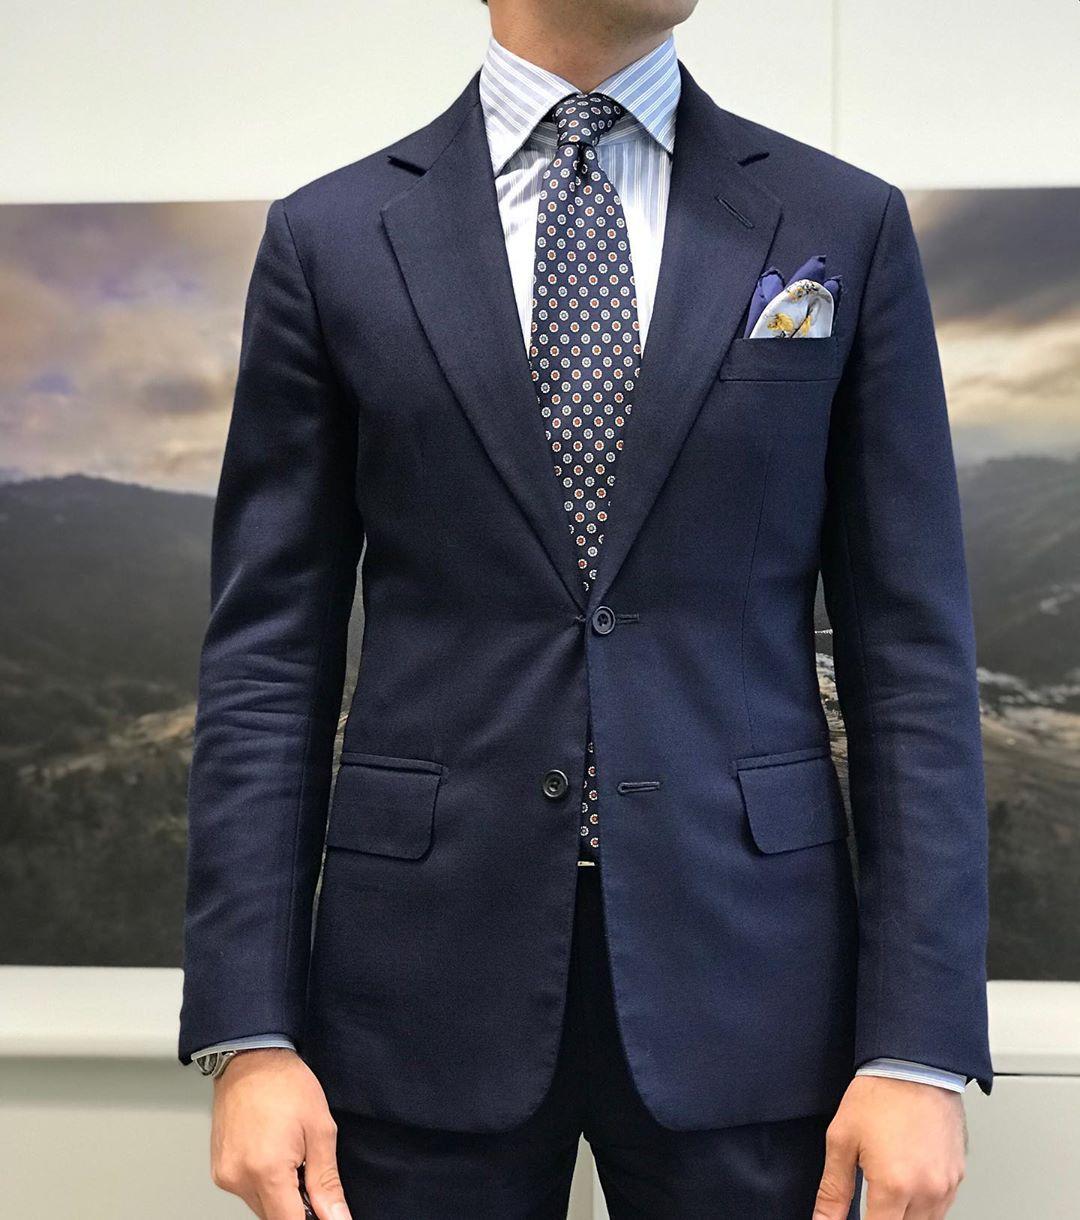 La veste est plus courte, les quartiers plus fermés. Le rendu permet de moins accentuer les hanches malgré un cintrage plus prononcé.